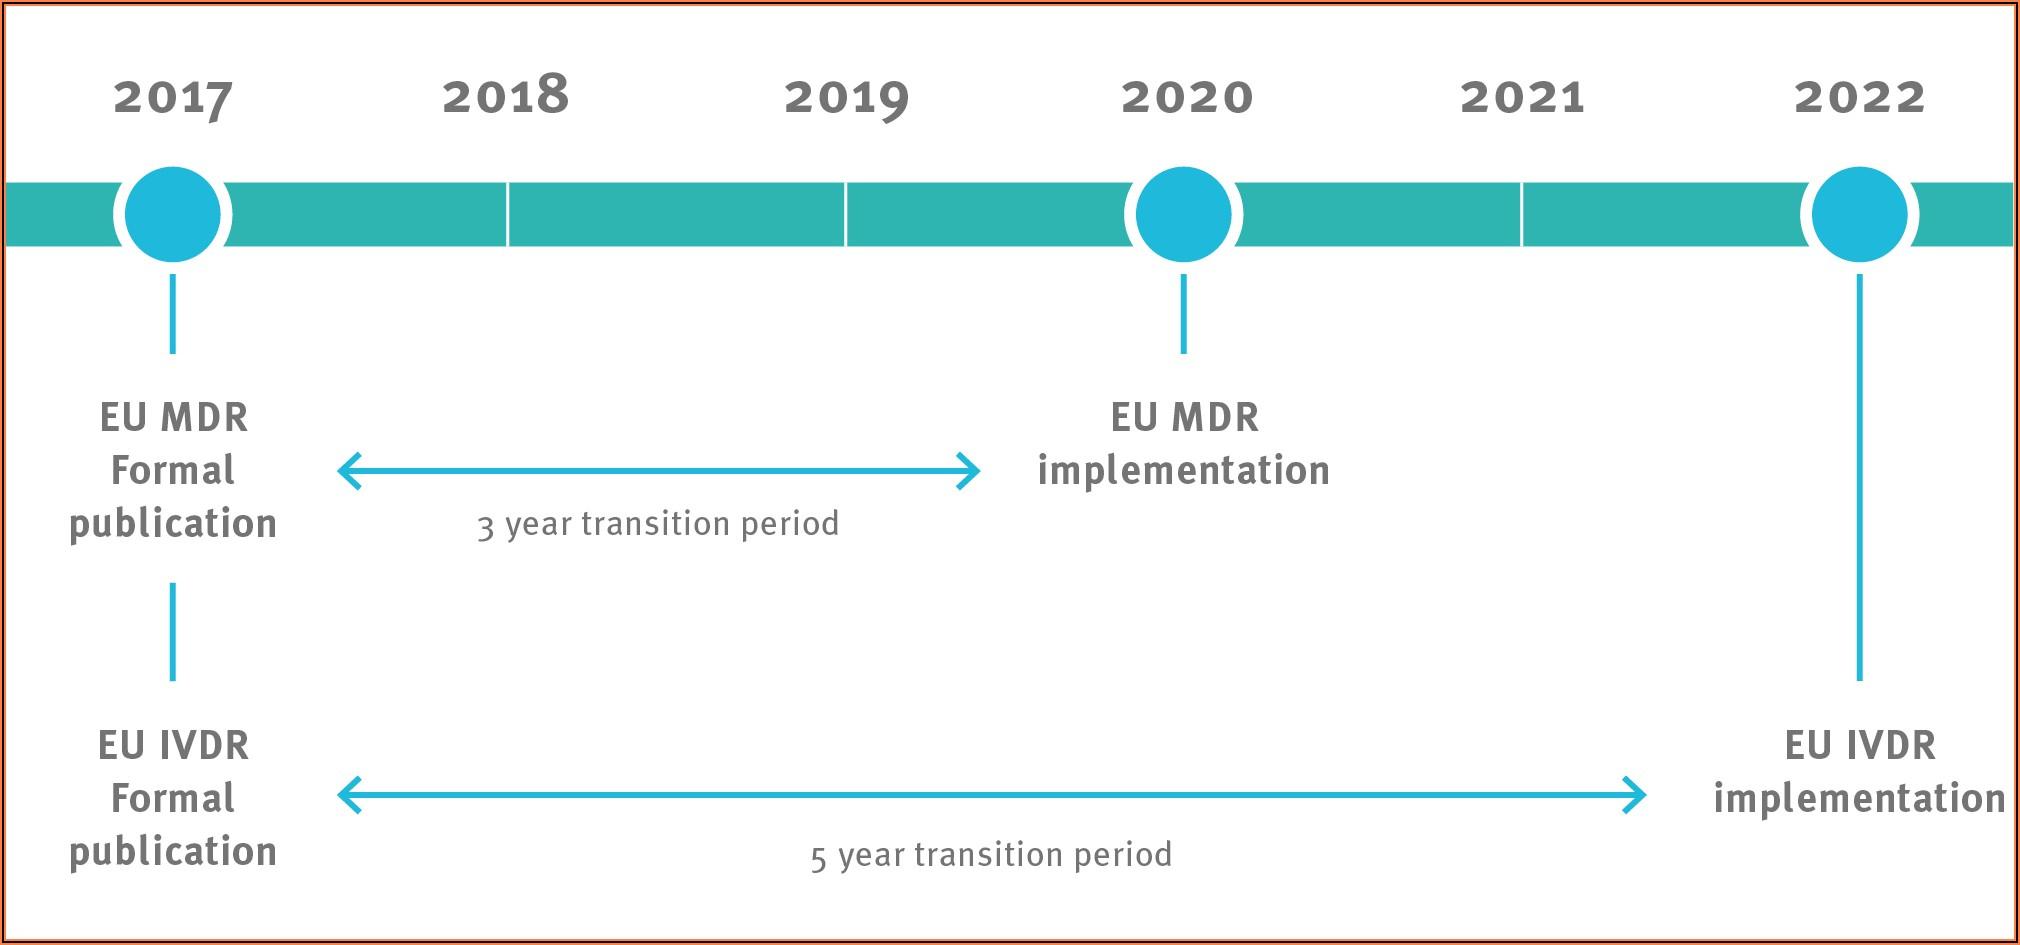 Eu Mdr Implementation Timeline